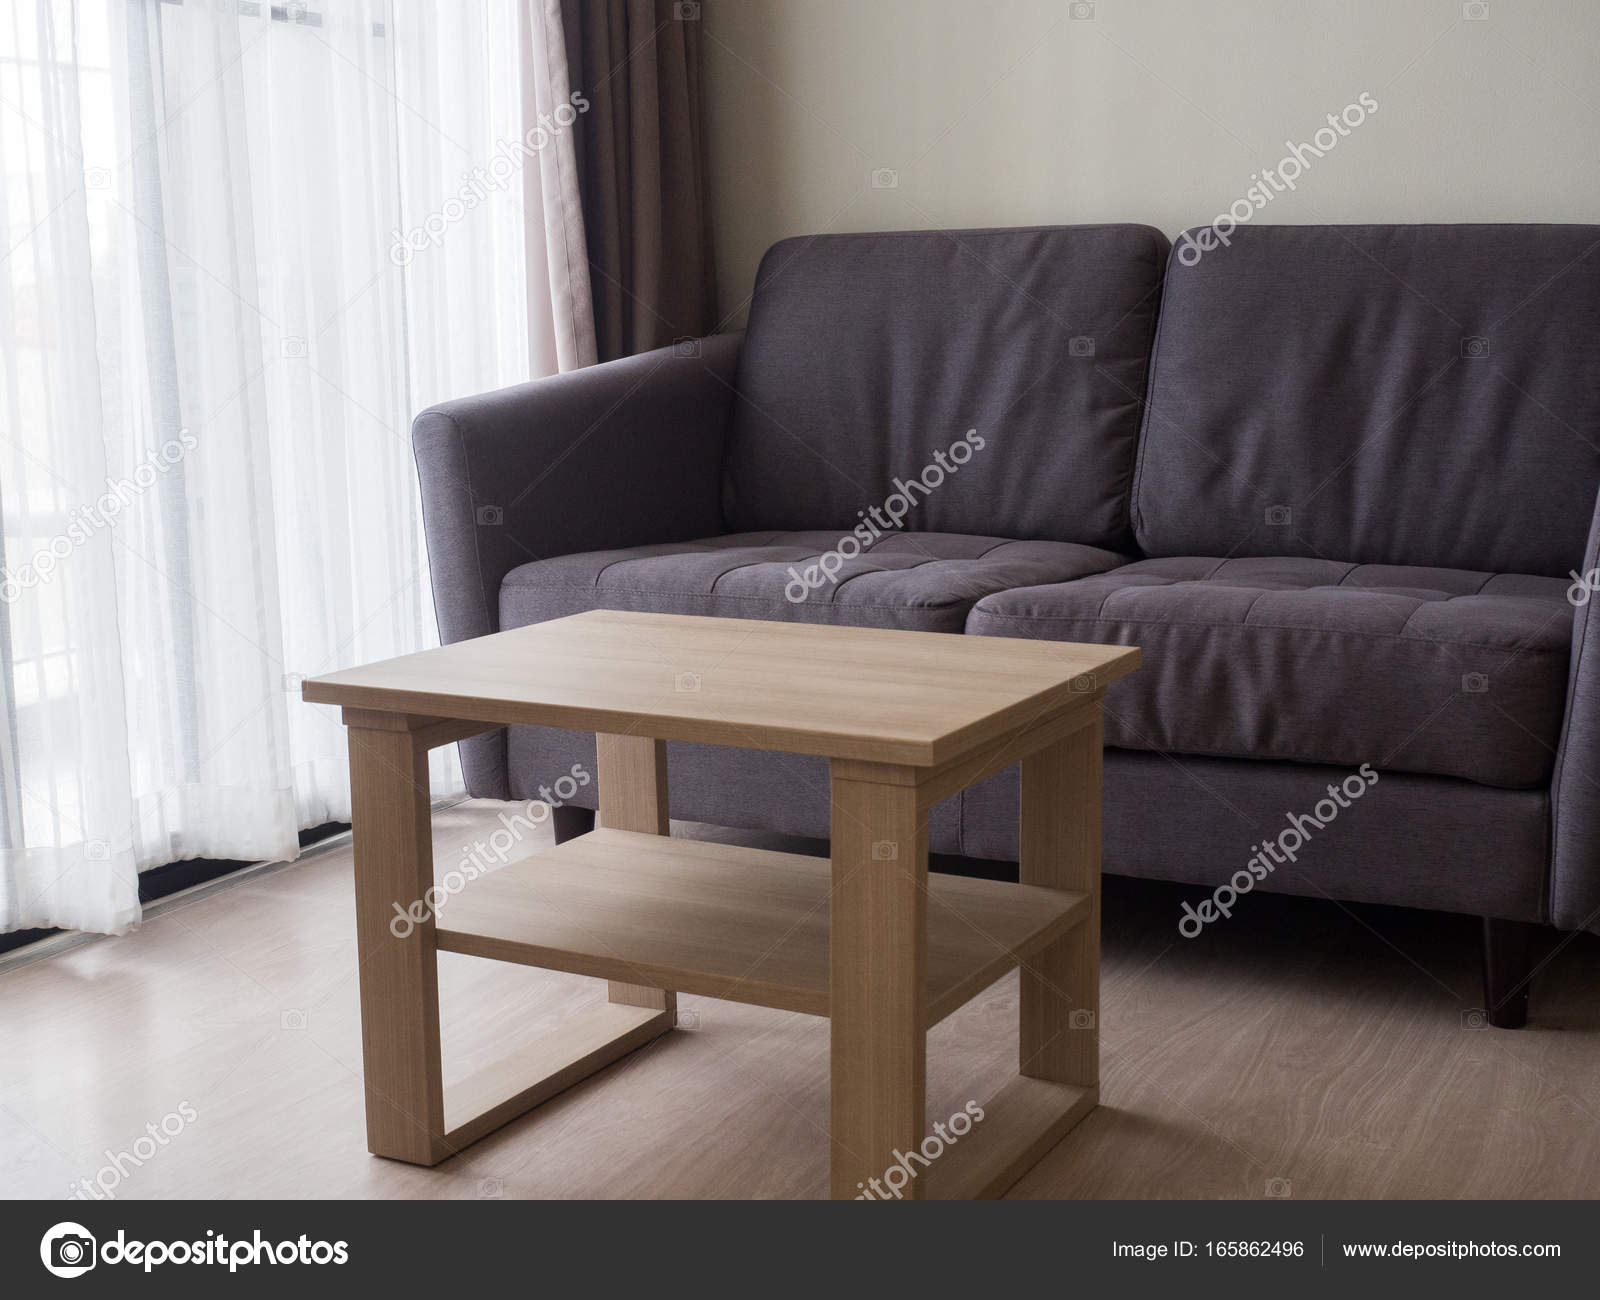 Charmant Gemütliches, Stilvolles Wohnzimmer Mit Sofa Set. Modernes Wohnzimmer Mit  Sofa Und Möbel U2014 Foto Von Anon Tae